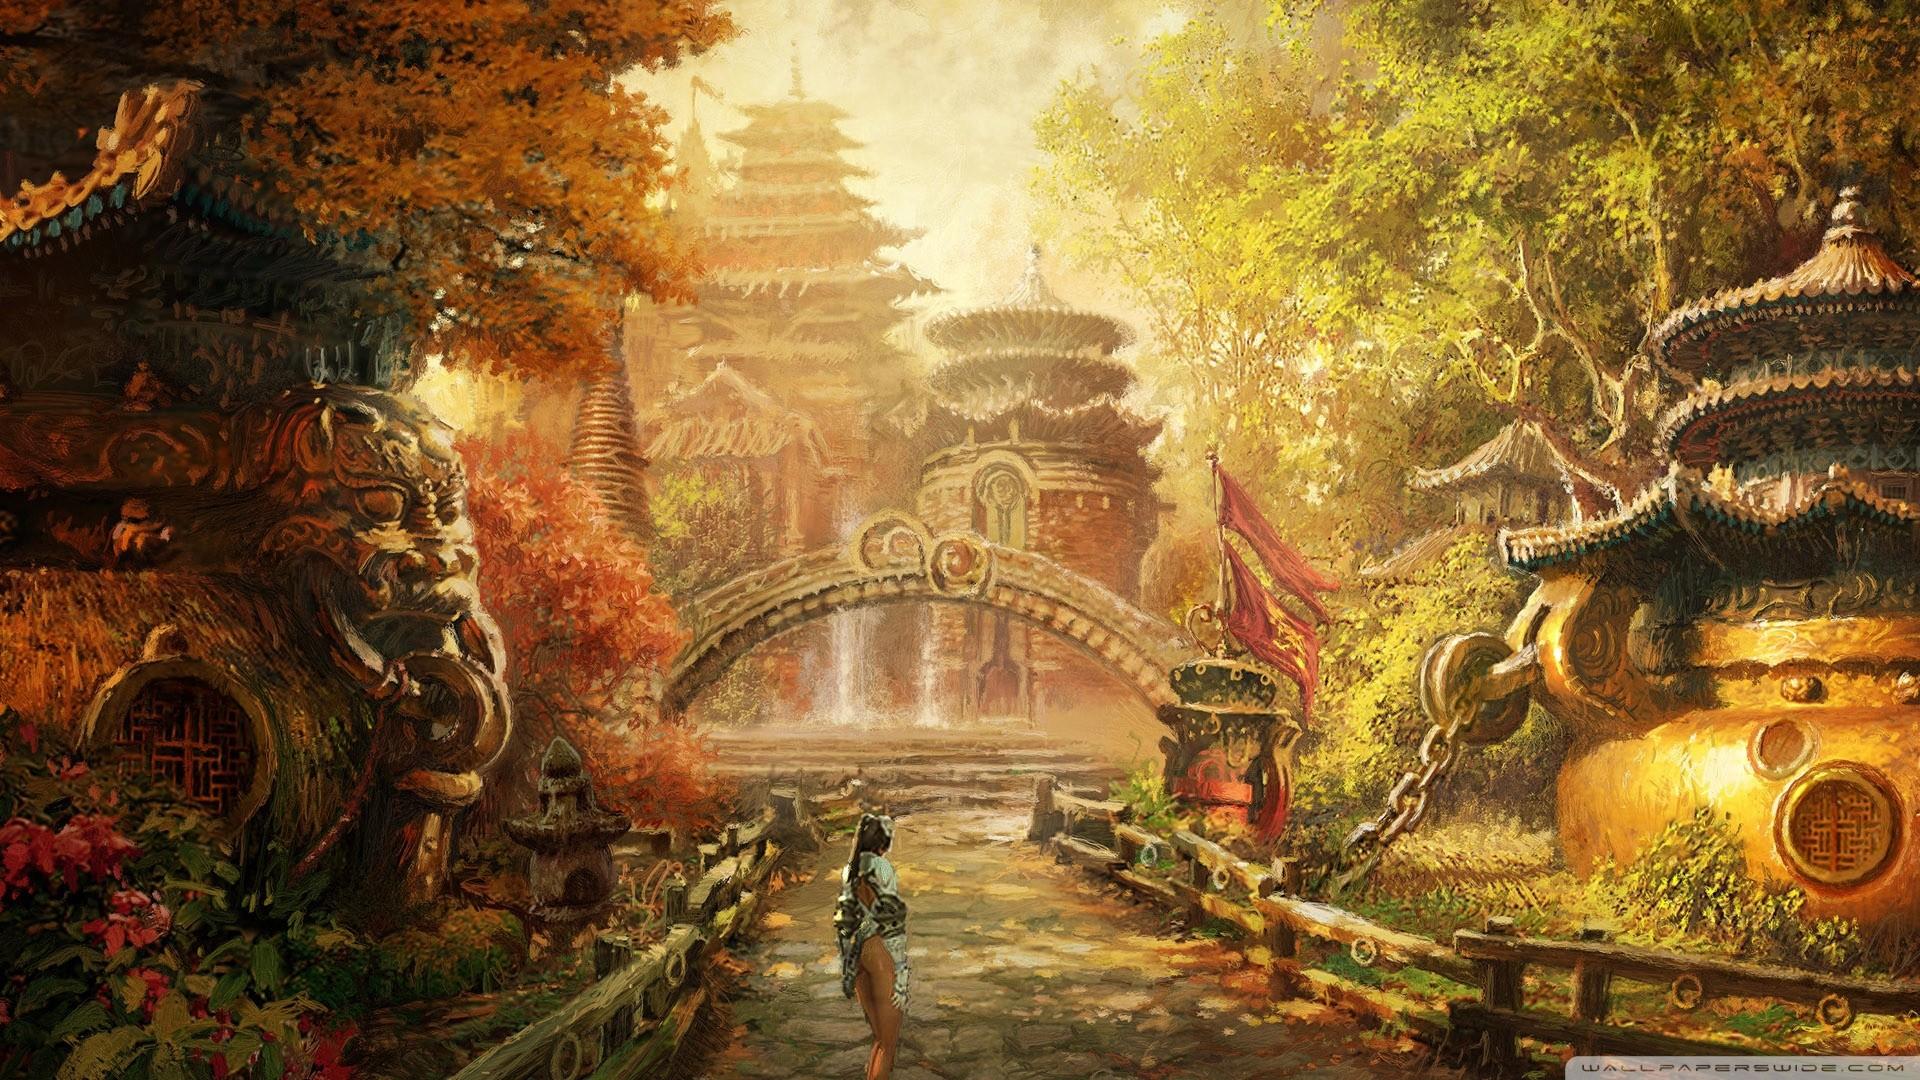 The Fantasy Art Wallpaper 855 Hi-Resolution